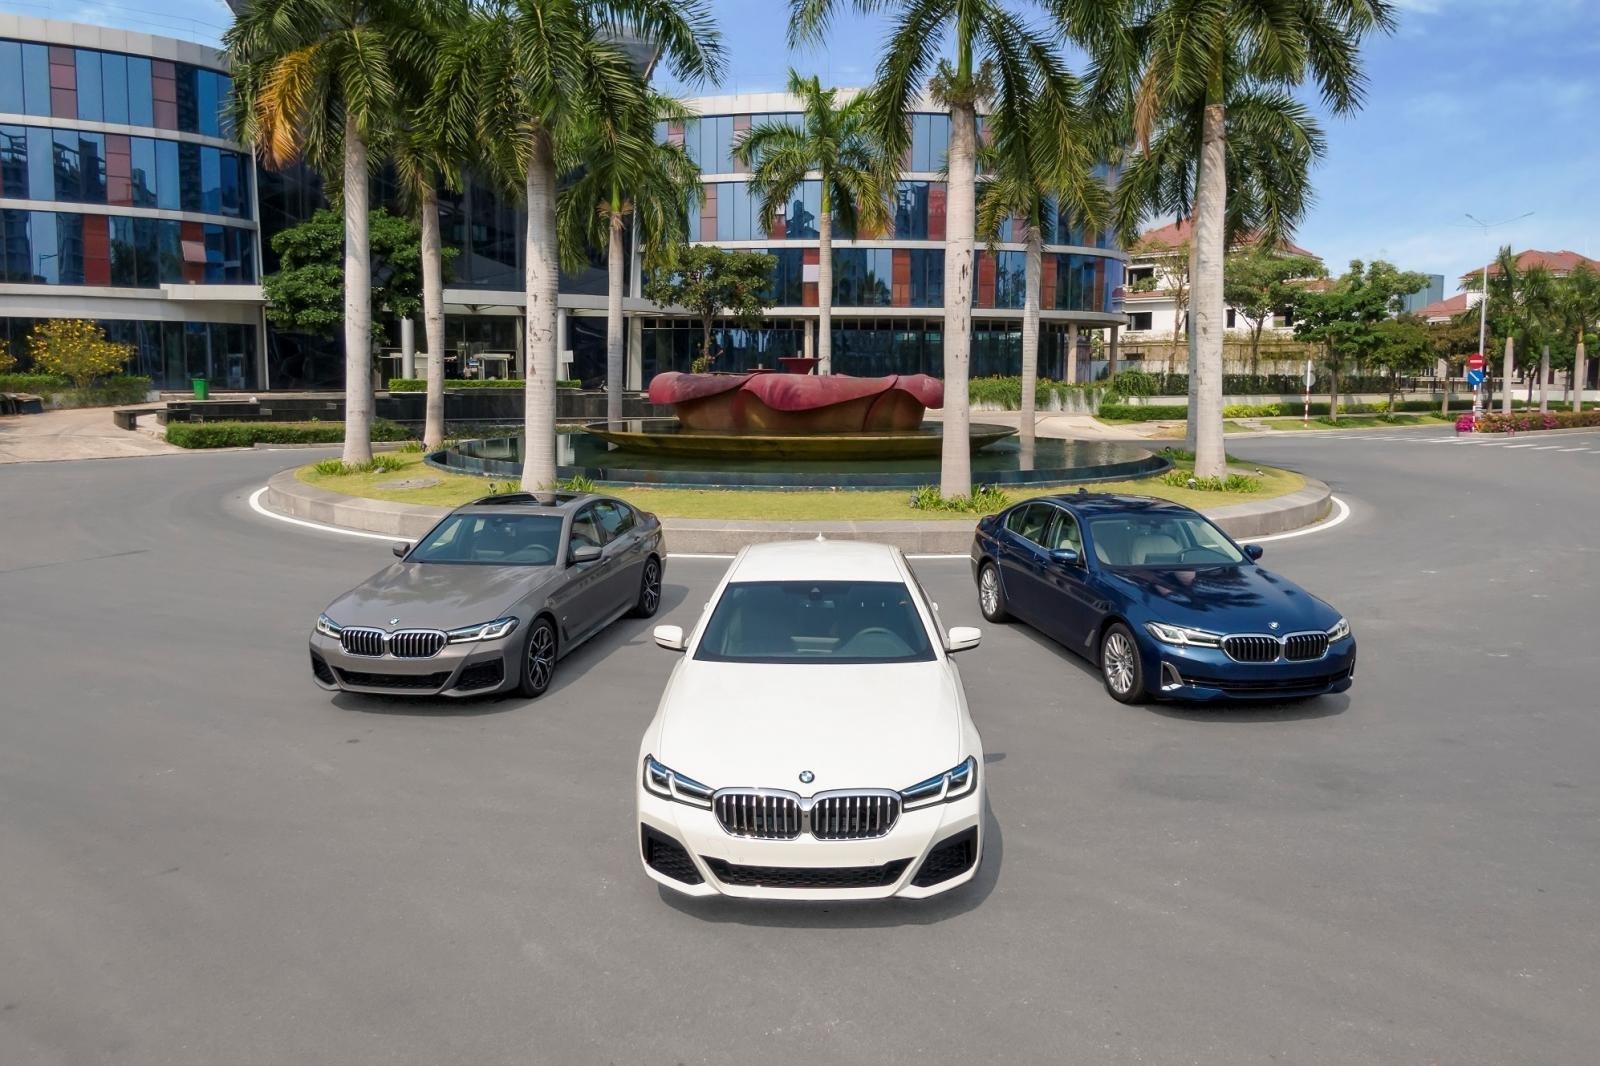 Ngoại thất BMW 5-Series 2021 mới nhất.